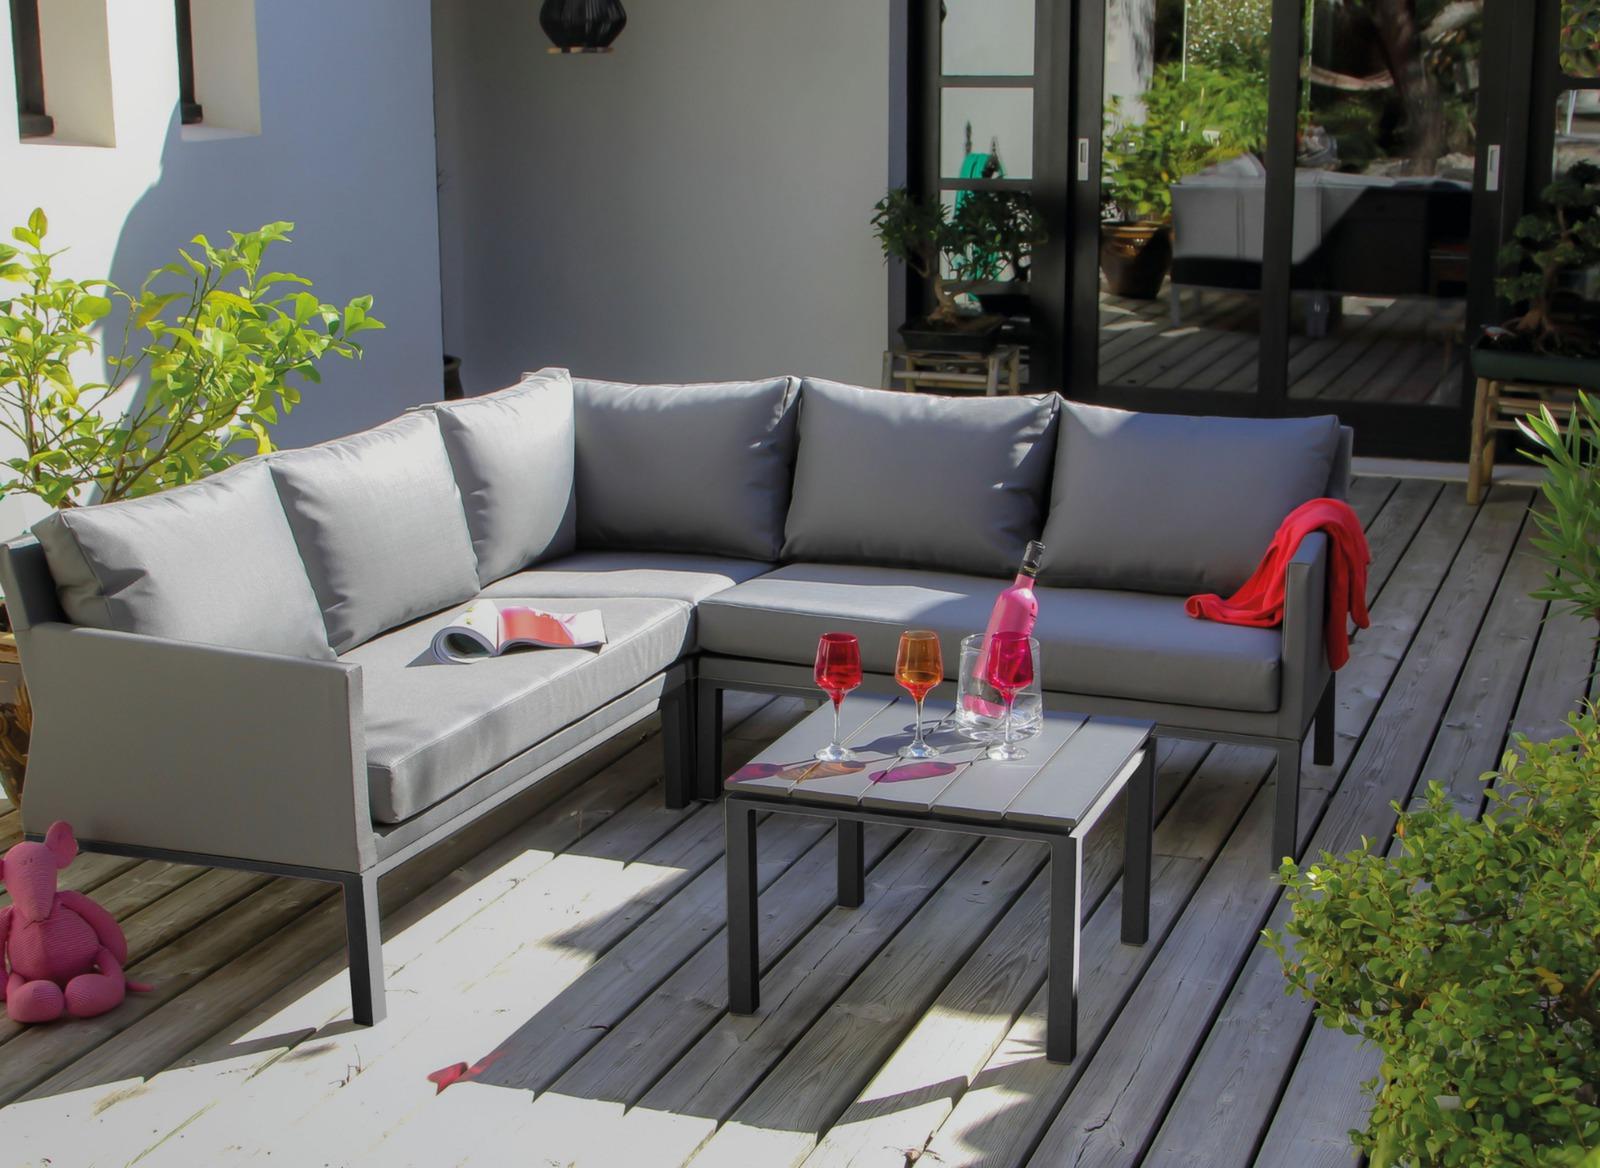 fauteuil de jardin m ridienne oslo meubles d 39 ext rieur proloisirs. Black Bedroom Furniture Sets. Home Design Ideas